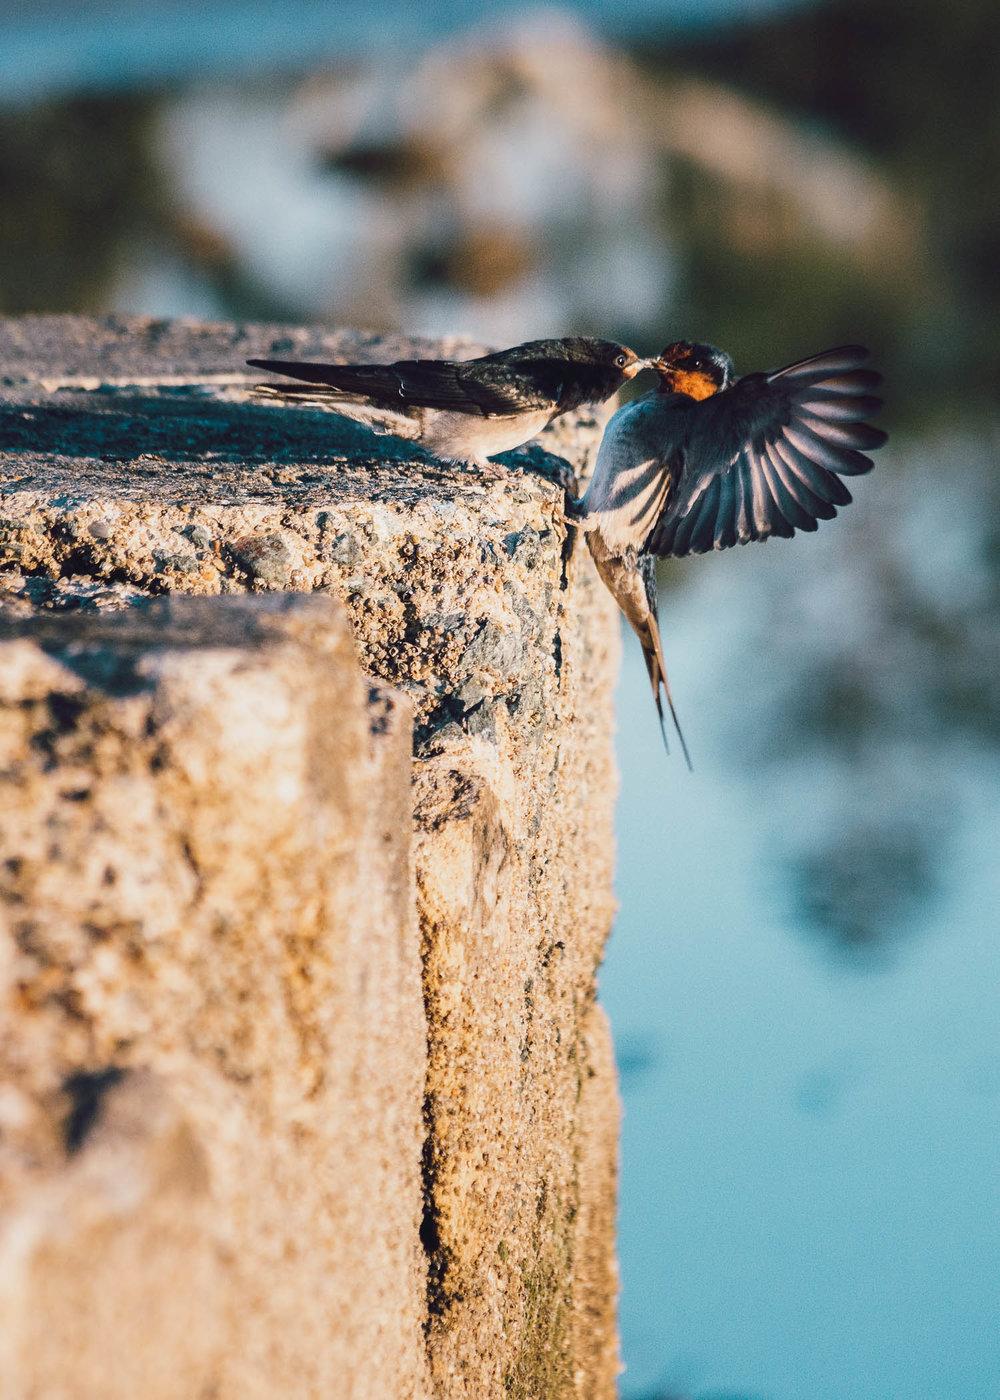 waterfront-swallows-sandgate-dawn-3.jpg